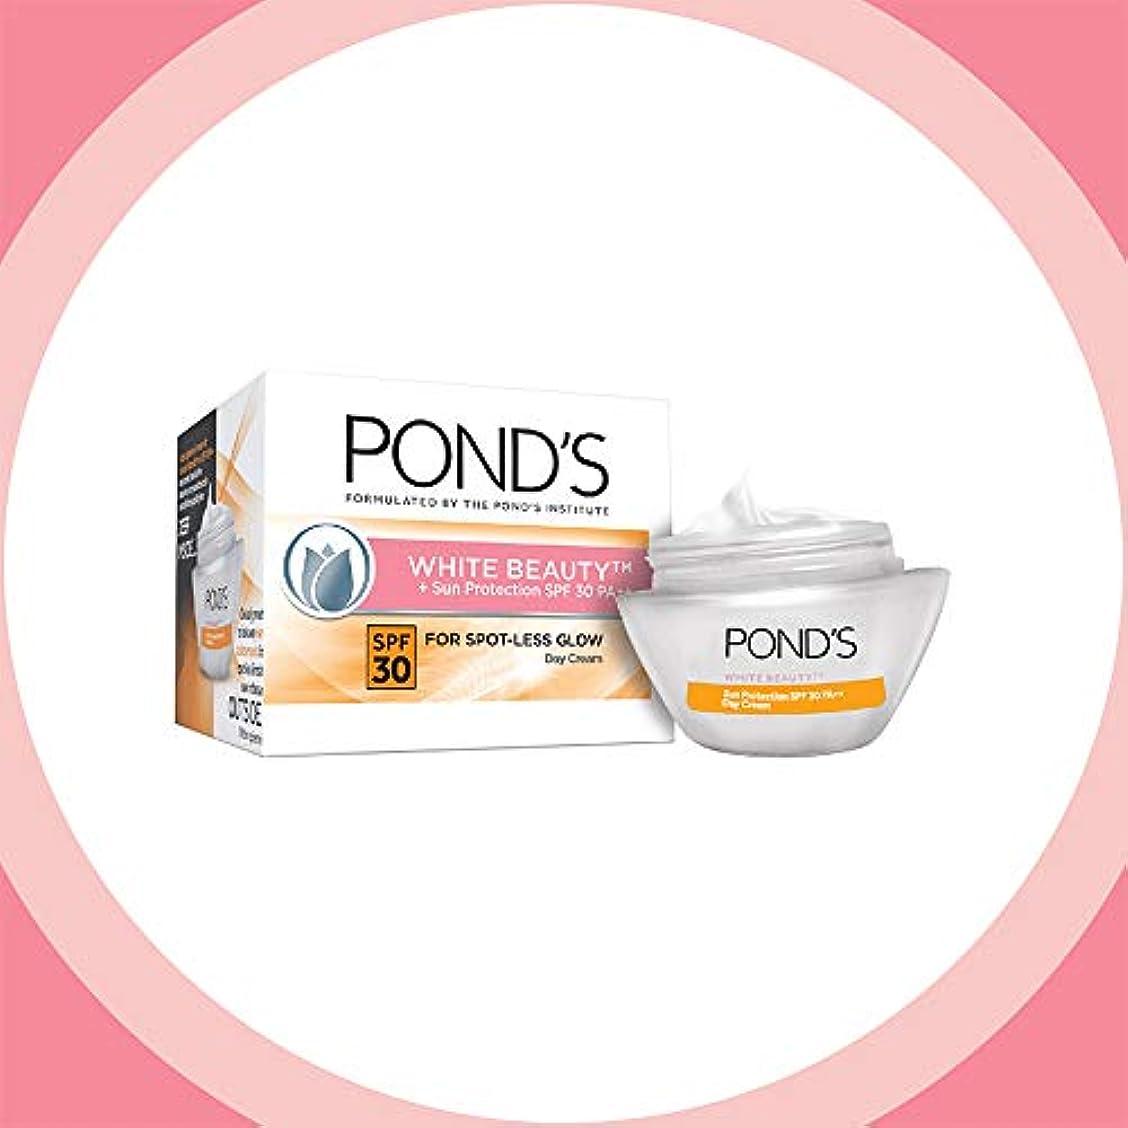 抑止するモチーフポークPOND'S White Beauty Sun Protection SPF 30 Day Cream, 35 gms (並行インポート) India